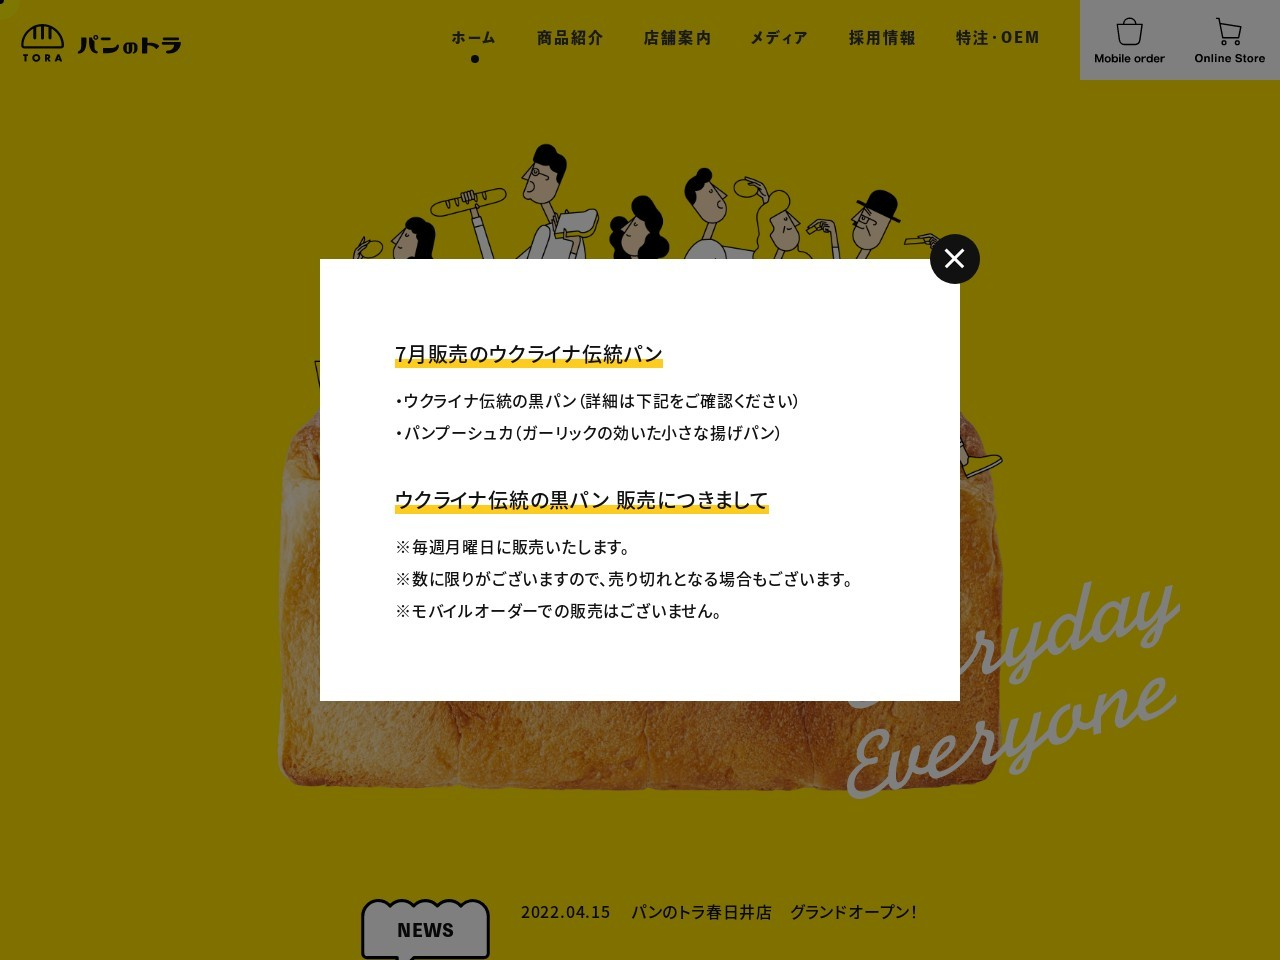 パンのトラ安城店